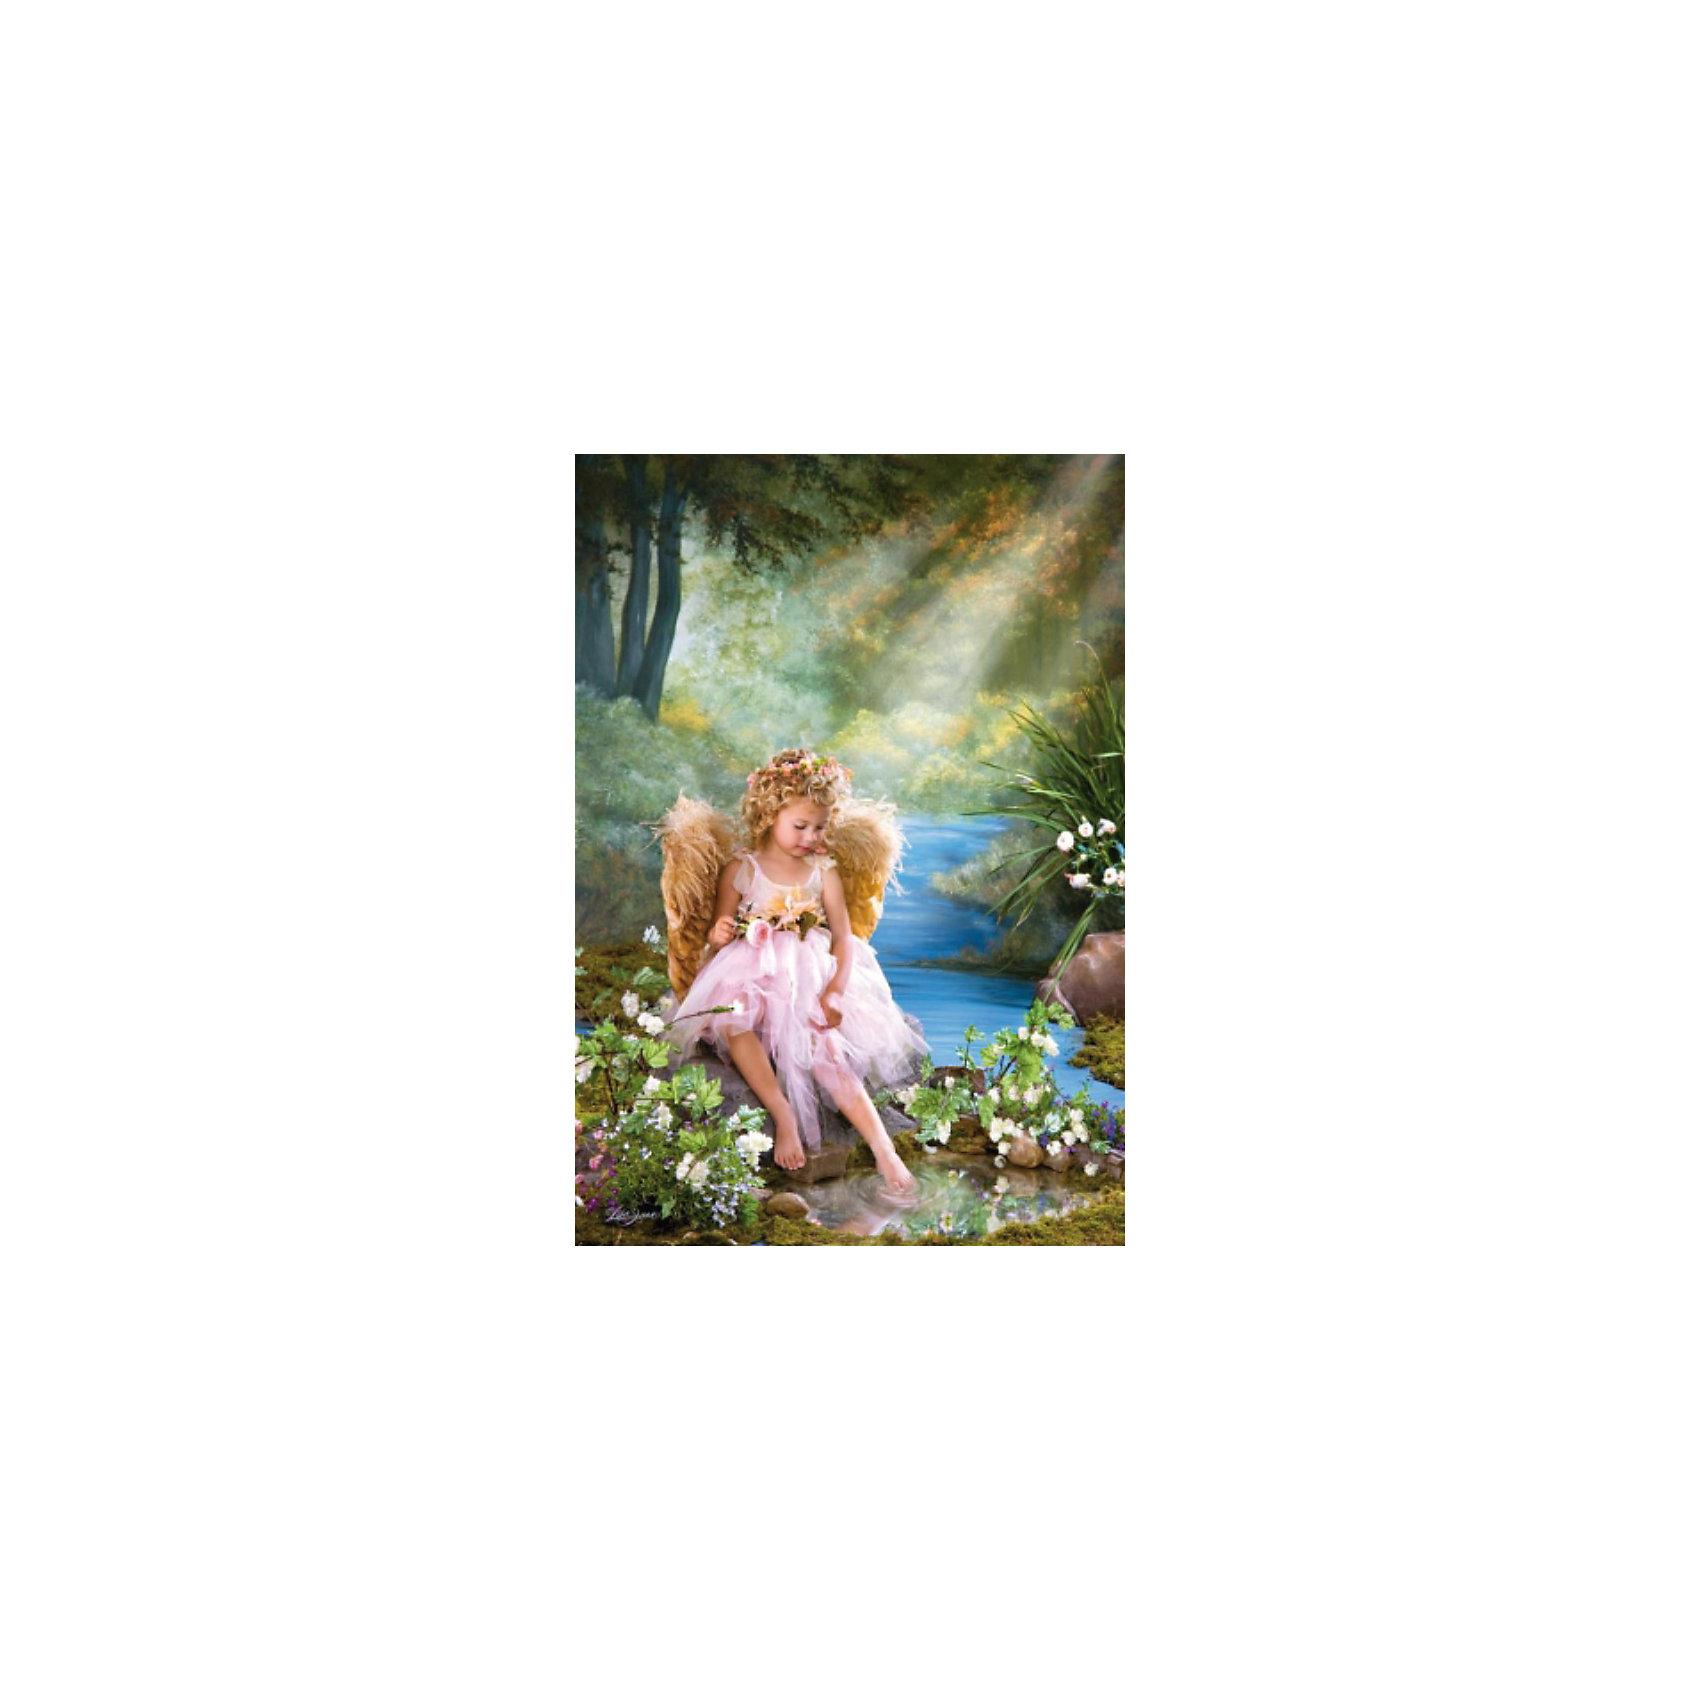 Пазлы Золотой пруд, 1500 деталей, CastorlandКлассические пазлы<br>Золотой пруд, 1500 деталей, - яркий, красивый и качественный пазл от Castorland.<br><br>Дополнительная информация:<br><br>- Кол-во деталей: 1500 шт.<br>- Материал: картон.<br>- Размер собранной картинки: 68 х 47 см.<br>- Размеры: 350x250x52 мм.<br><br>Ширина мм: 350<br>Глубина мм: 50<br>Высота мм: 250<br>Вес г: 500<br>Возраст от месяцев: 168<br>Возраст до месяцев: 1188<br>Пол: Унисекс<br>Возраст: Детский<br>Количество деталей: 1500<br>SKU: 2562320